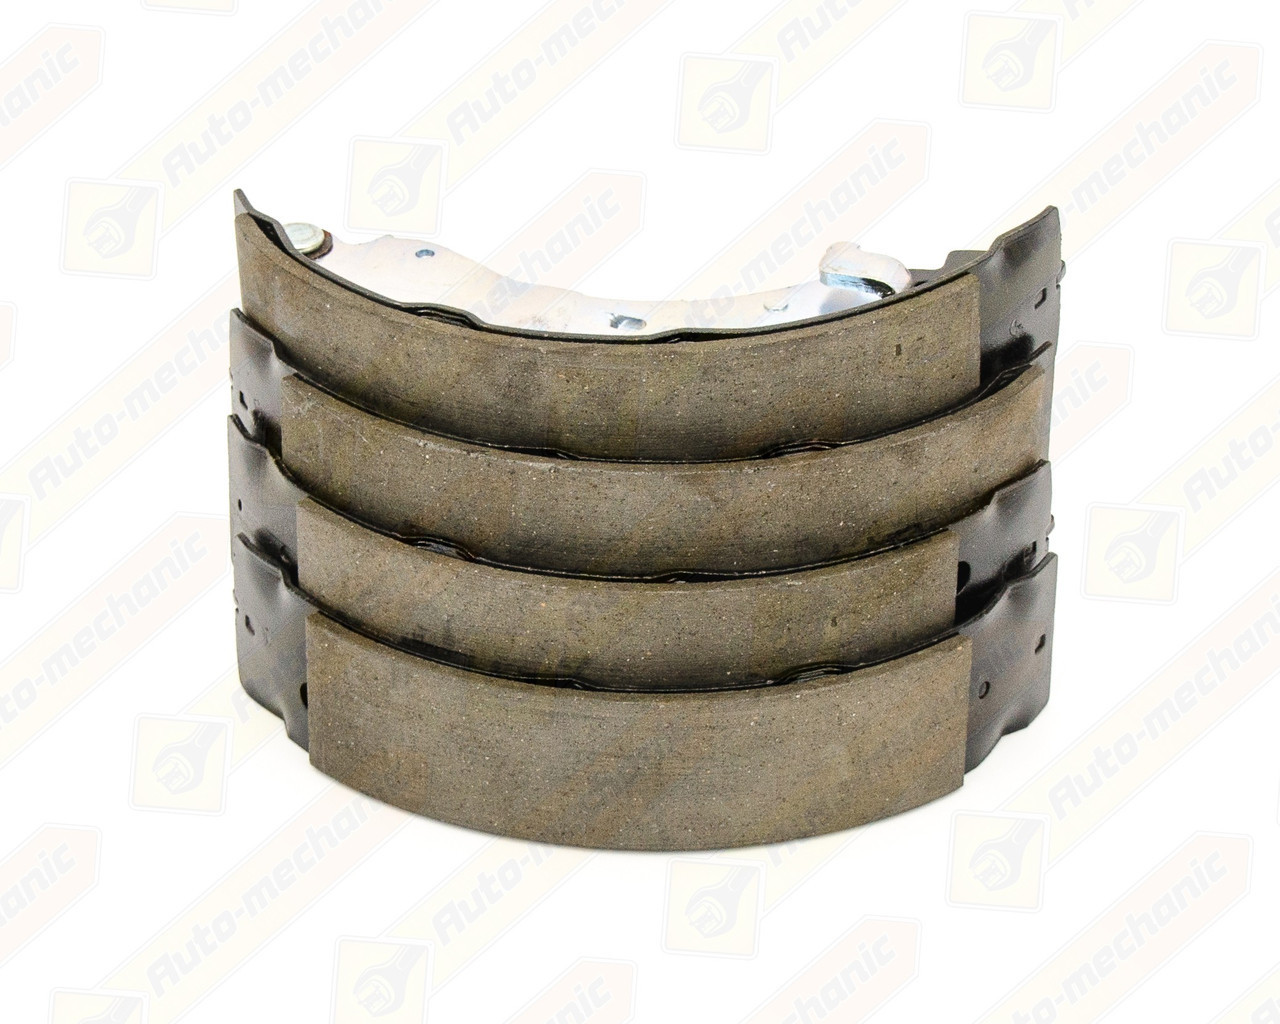 Купить Тормозные колодки, Барабанные тормозные колодки (задние) на Renault Clio II 1998->2005 — TRW - GS8455